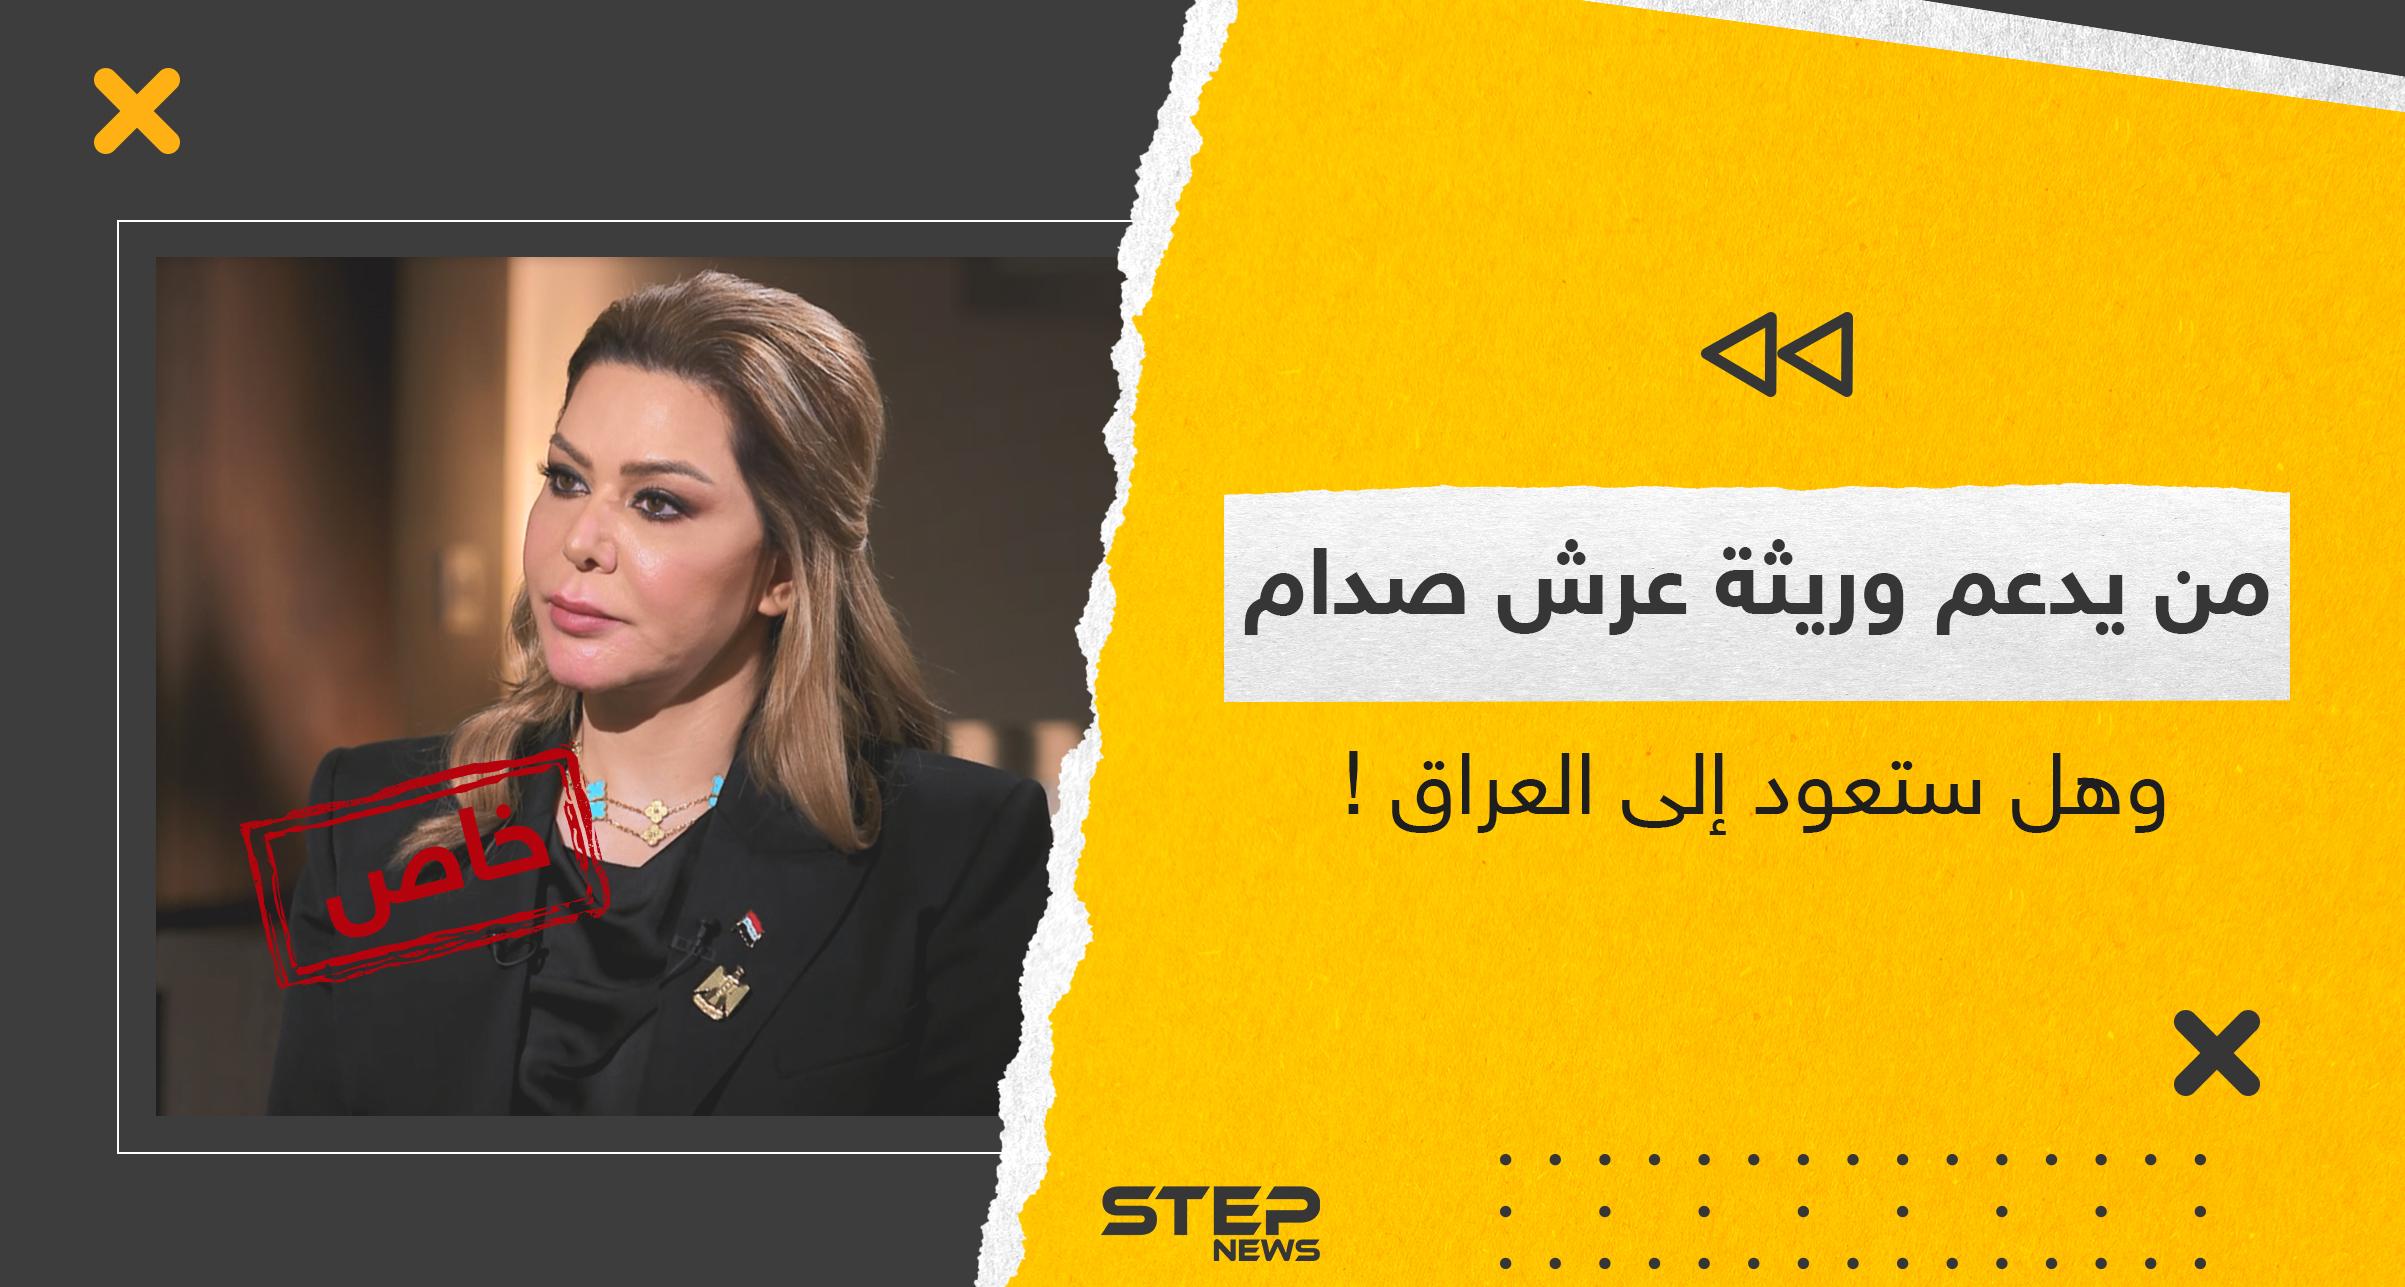 من يدعم رغد صدام حسين وهل تسمح القوانين العراقية بعودتها